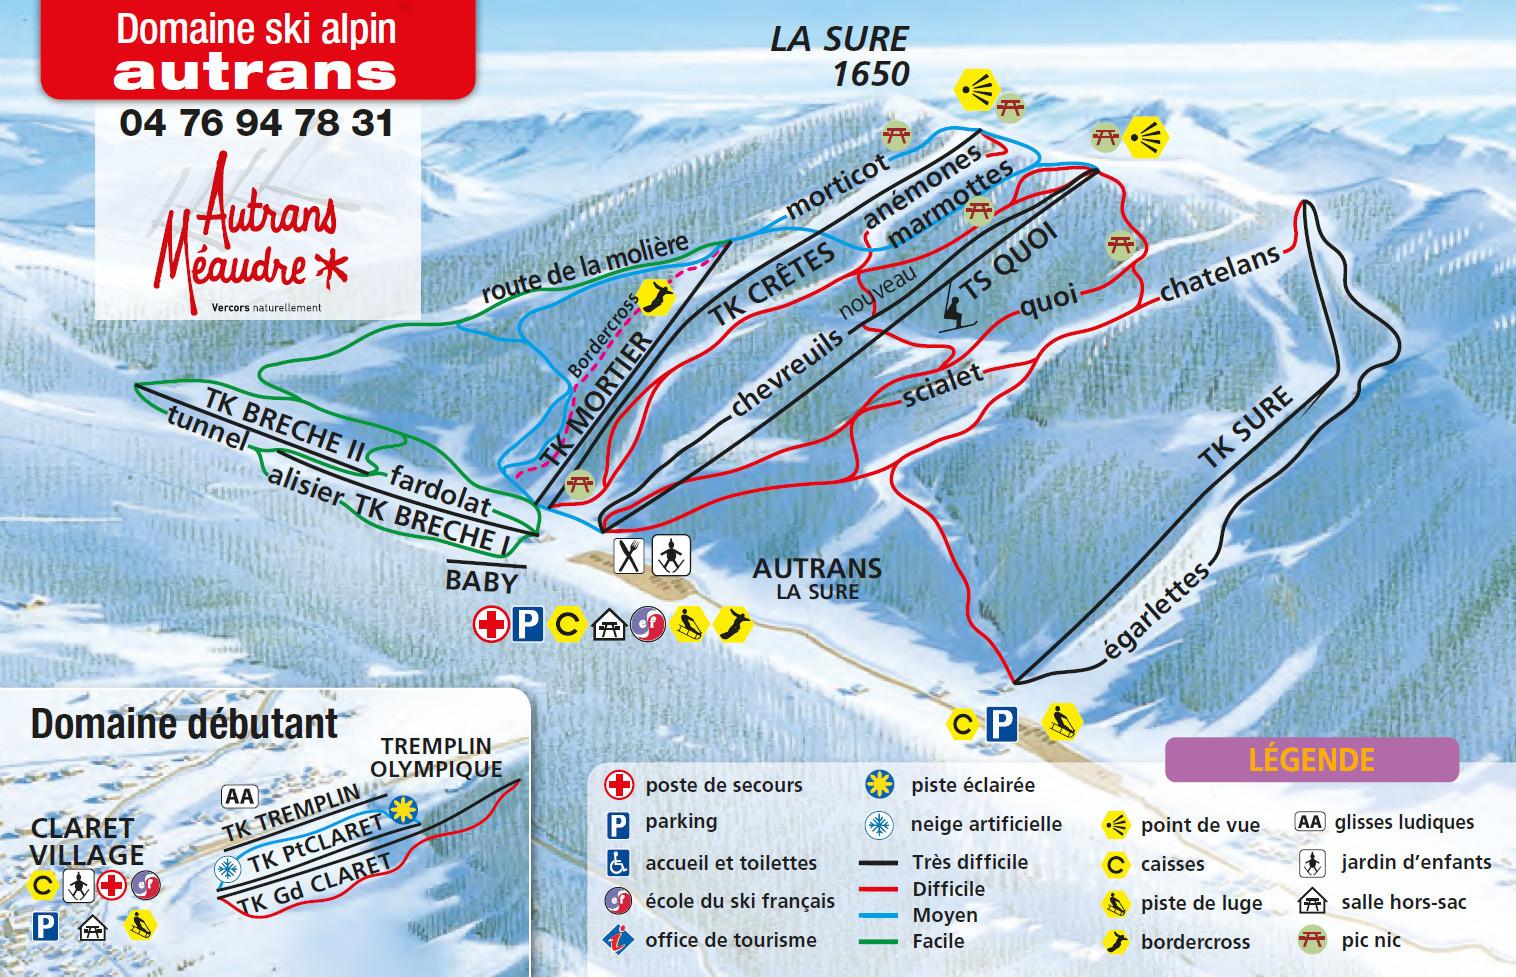 Autrans plan des pistes de ski autrans for Piste de ski interieur